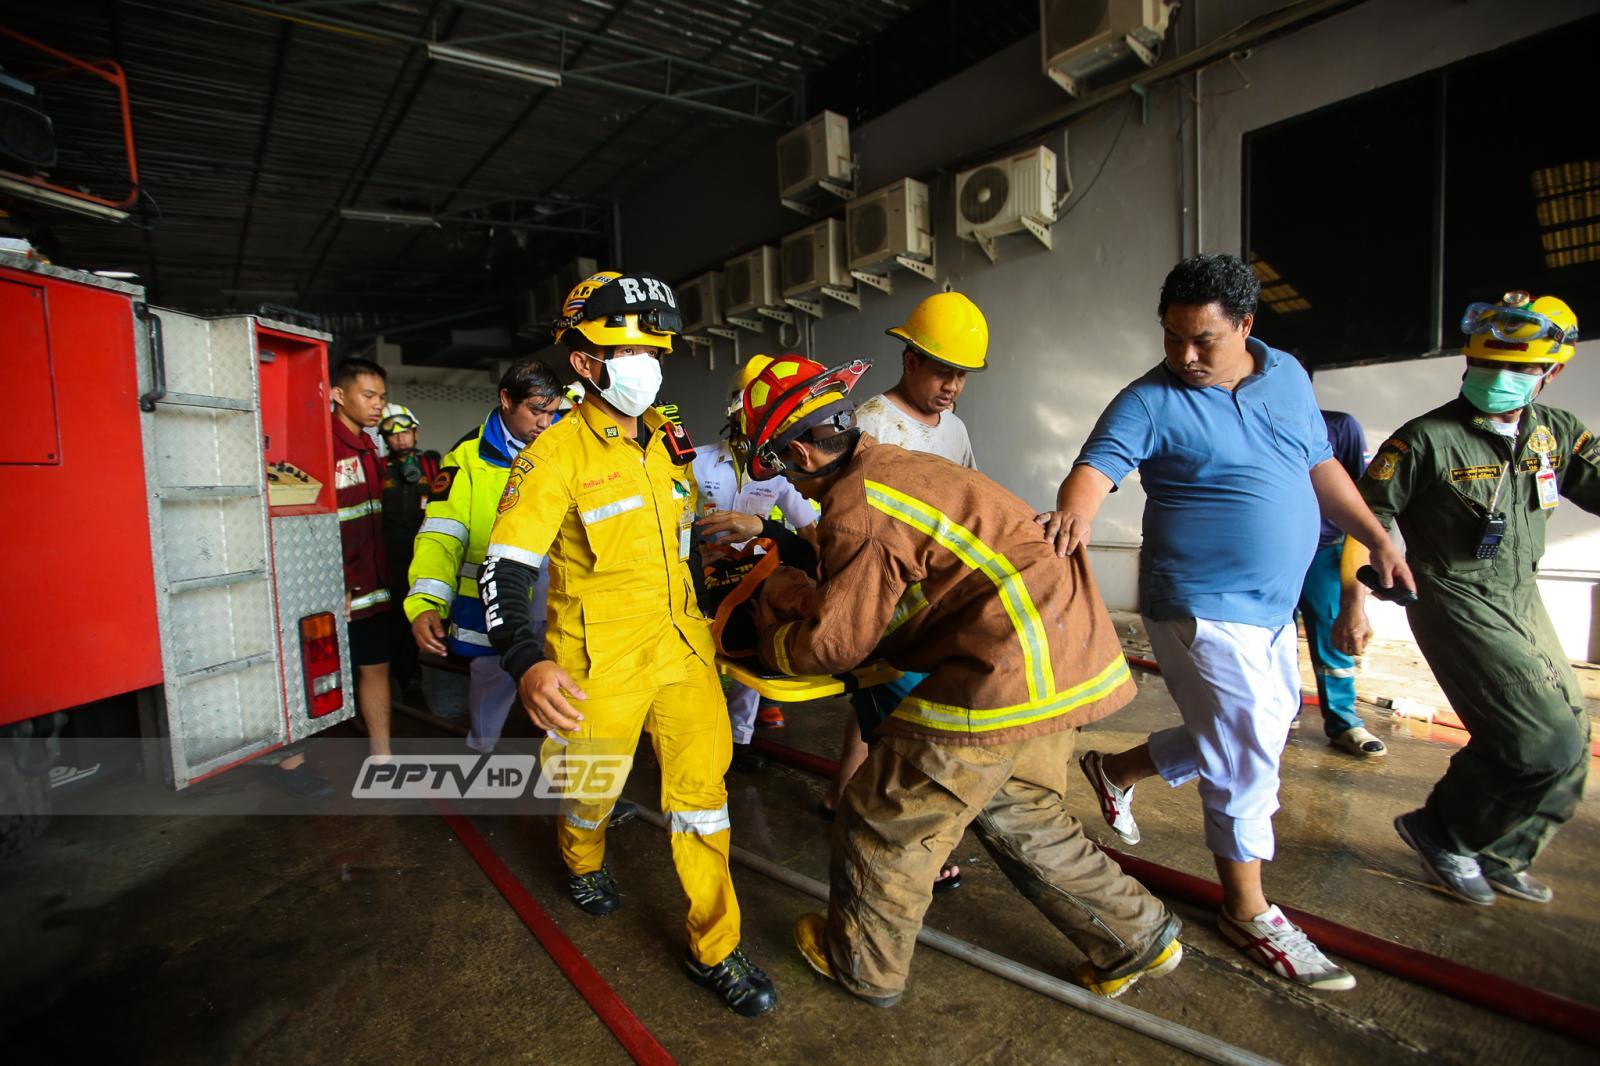 ไฟไหม้โรงงานผลิตหมวกกันน็อกย่านท่าข้าม จนท.ถอนกำลังออกจากอาคาร หลังเริ่มยุบตัว!